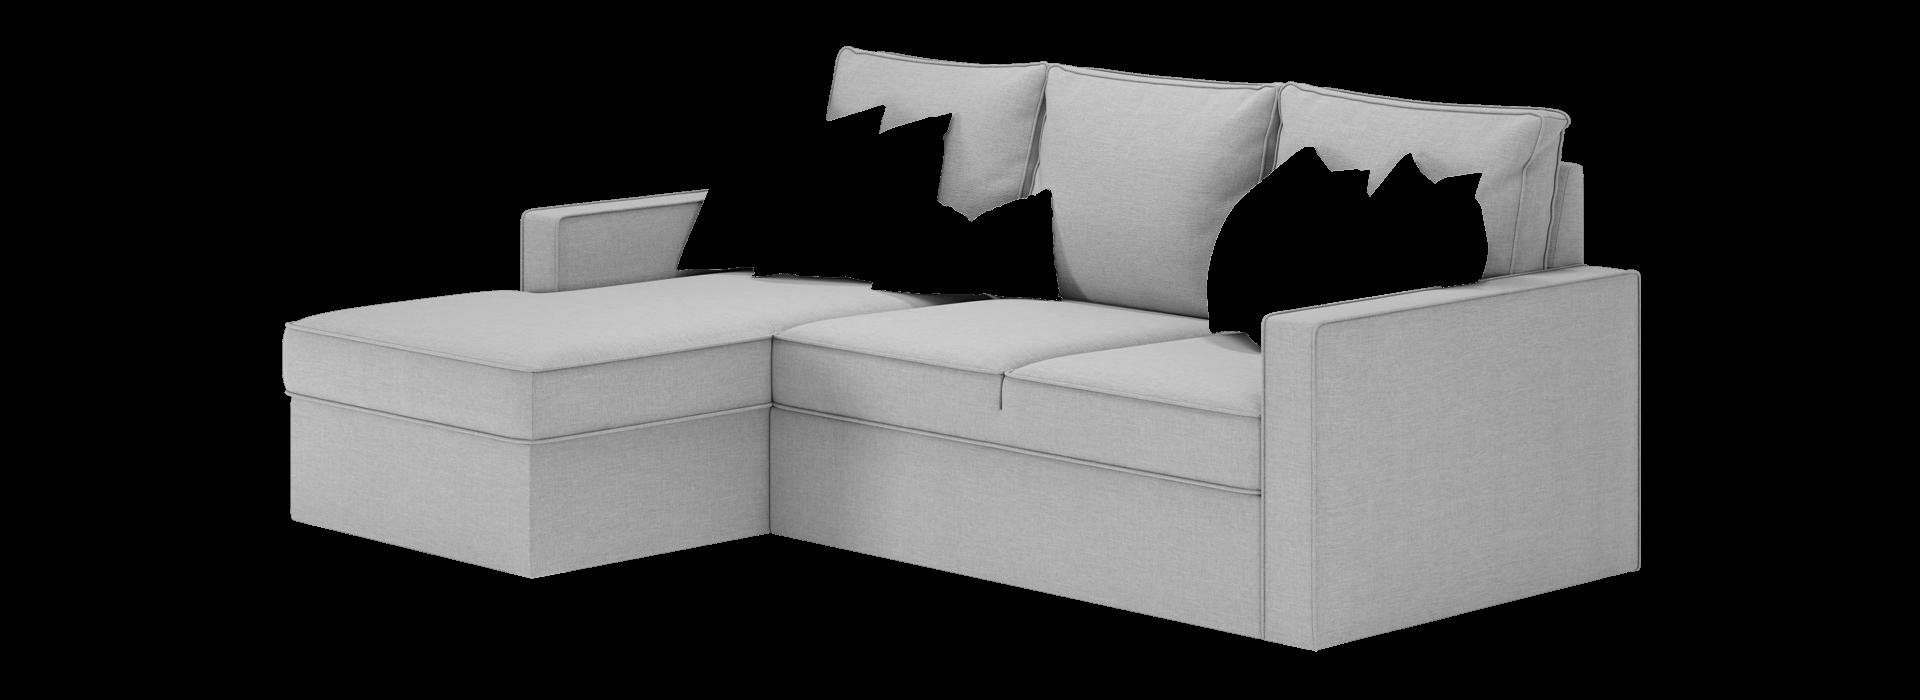 Лінкольн А модульний кутовий диван - маска 2